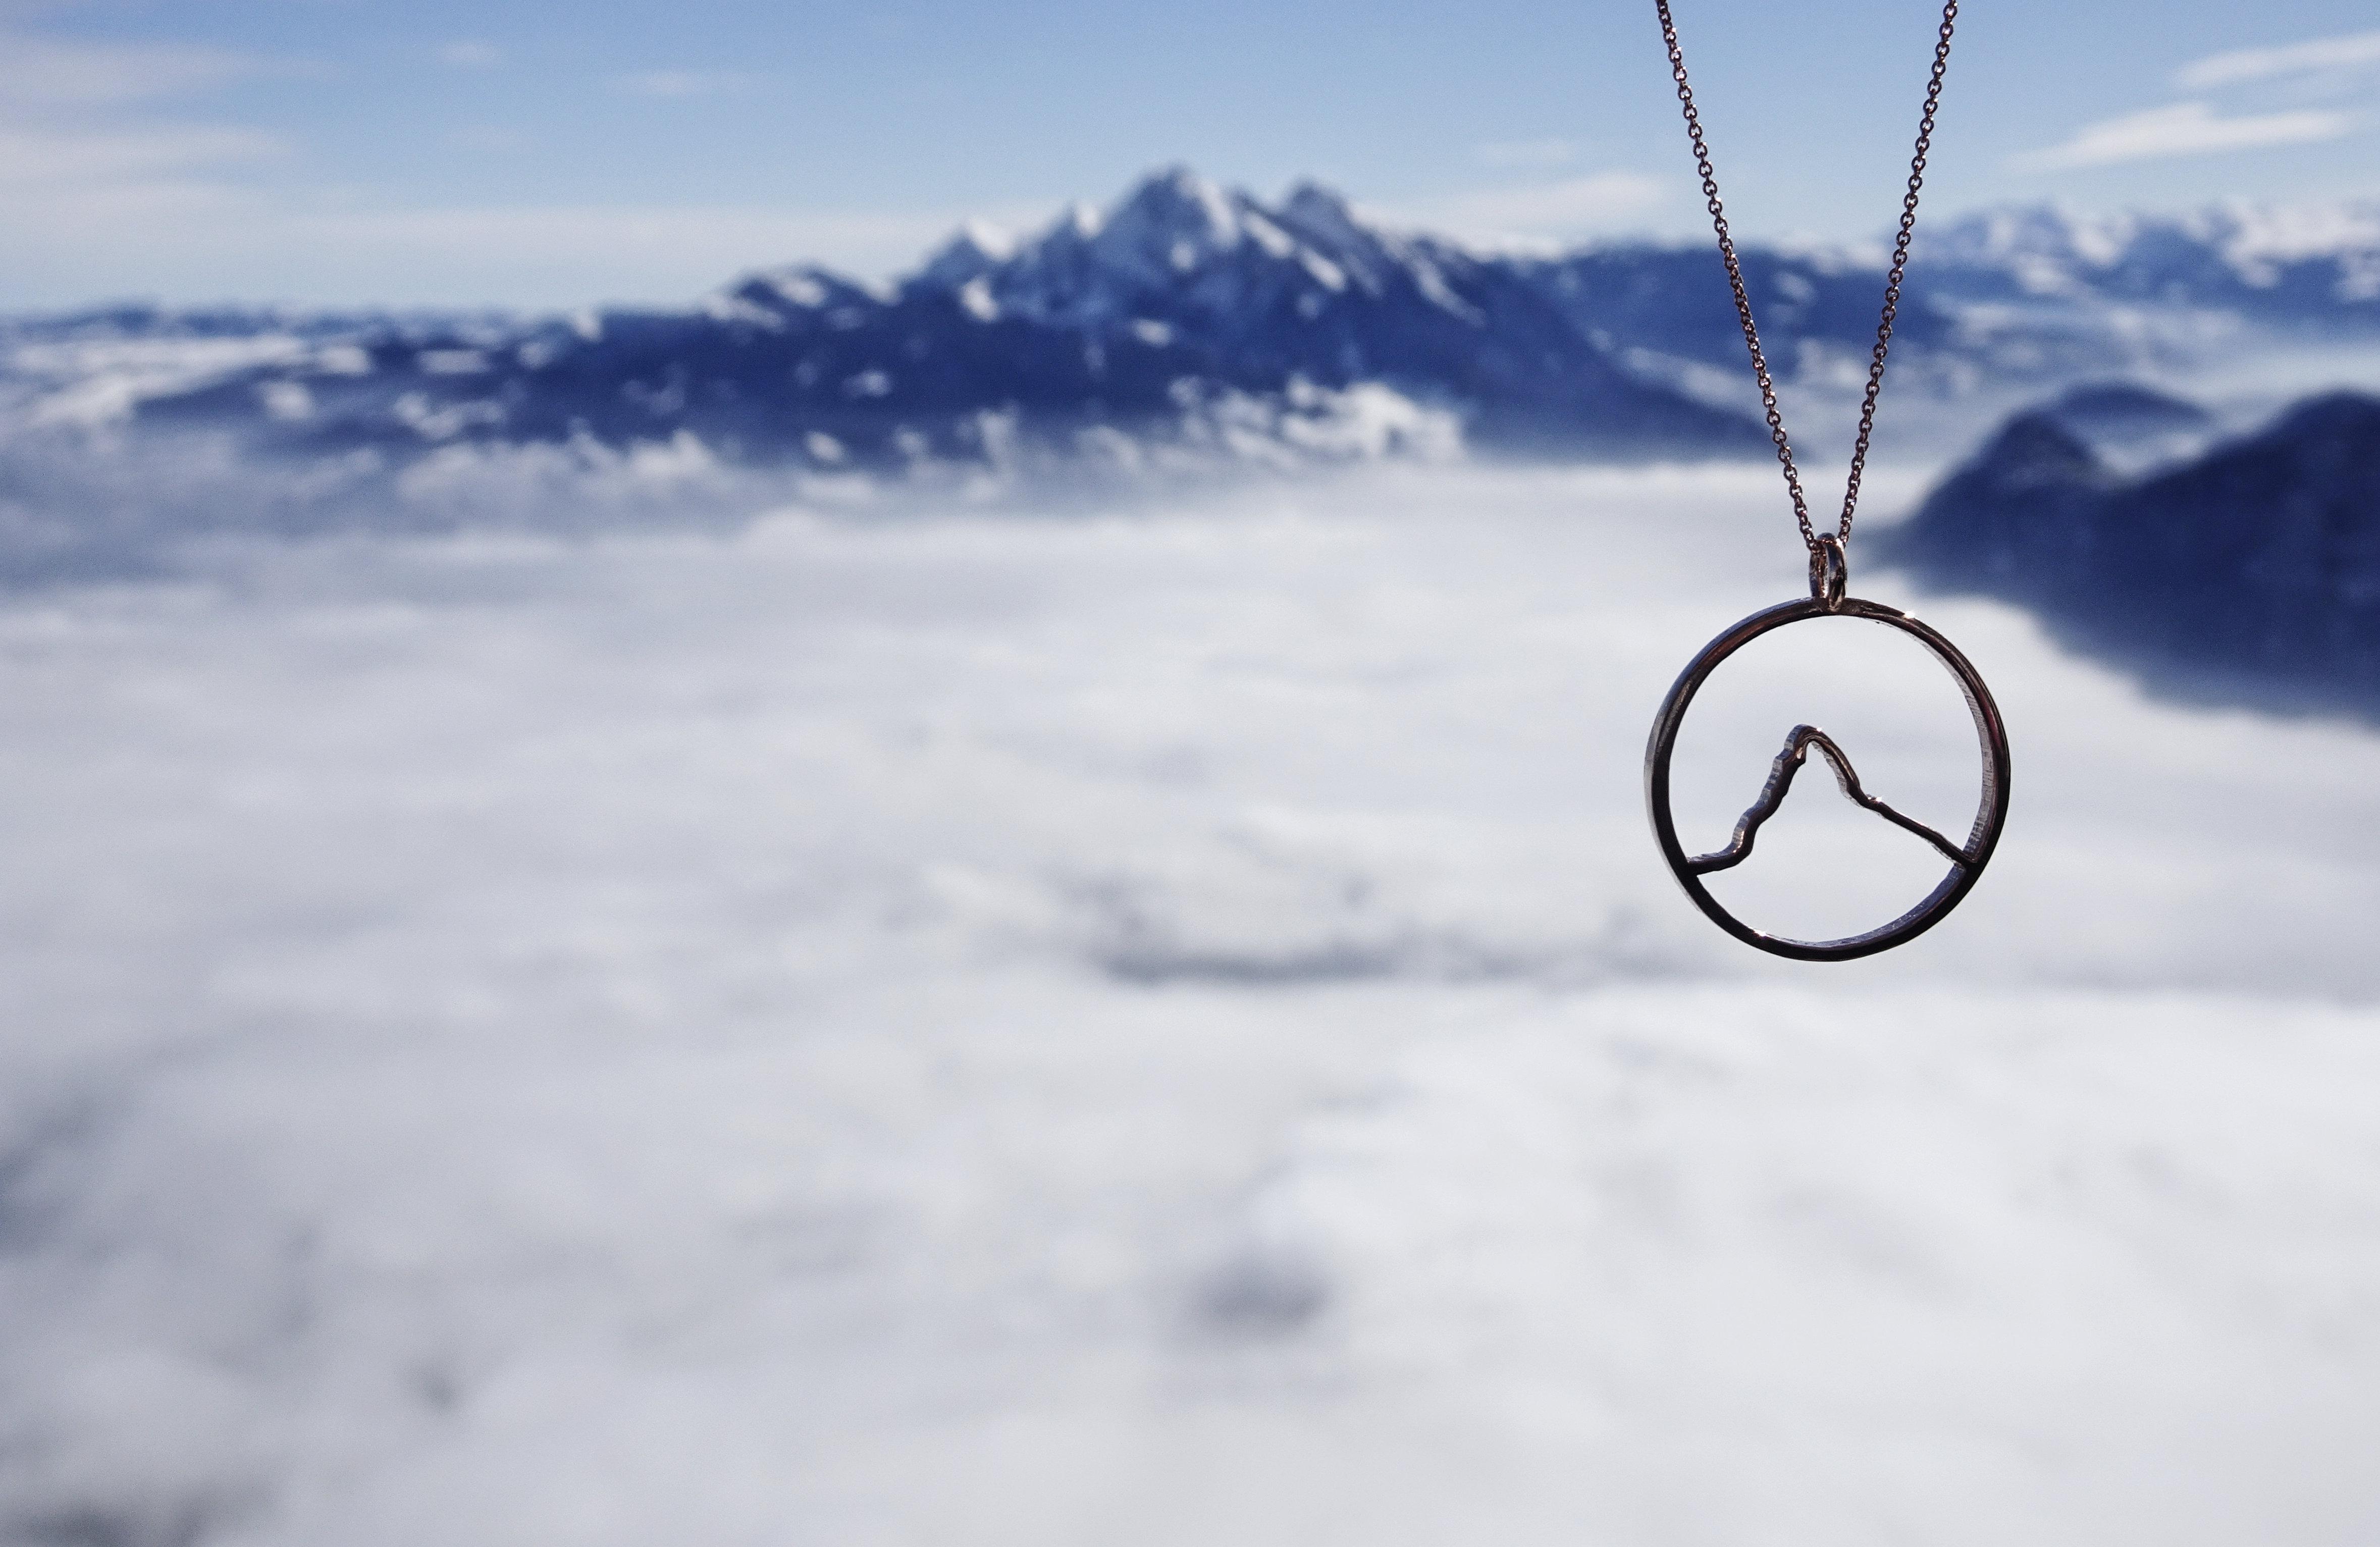 Matterhorn Kette, Schweiz,